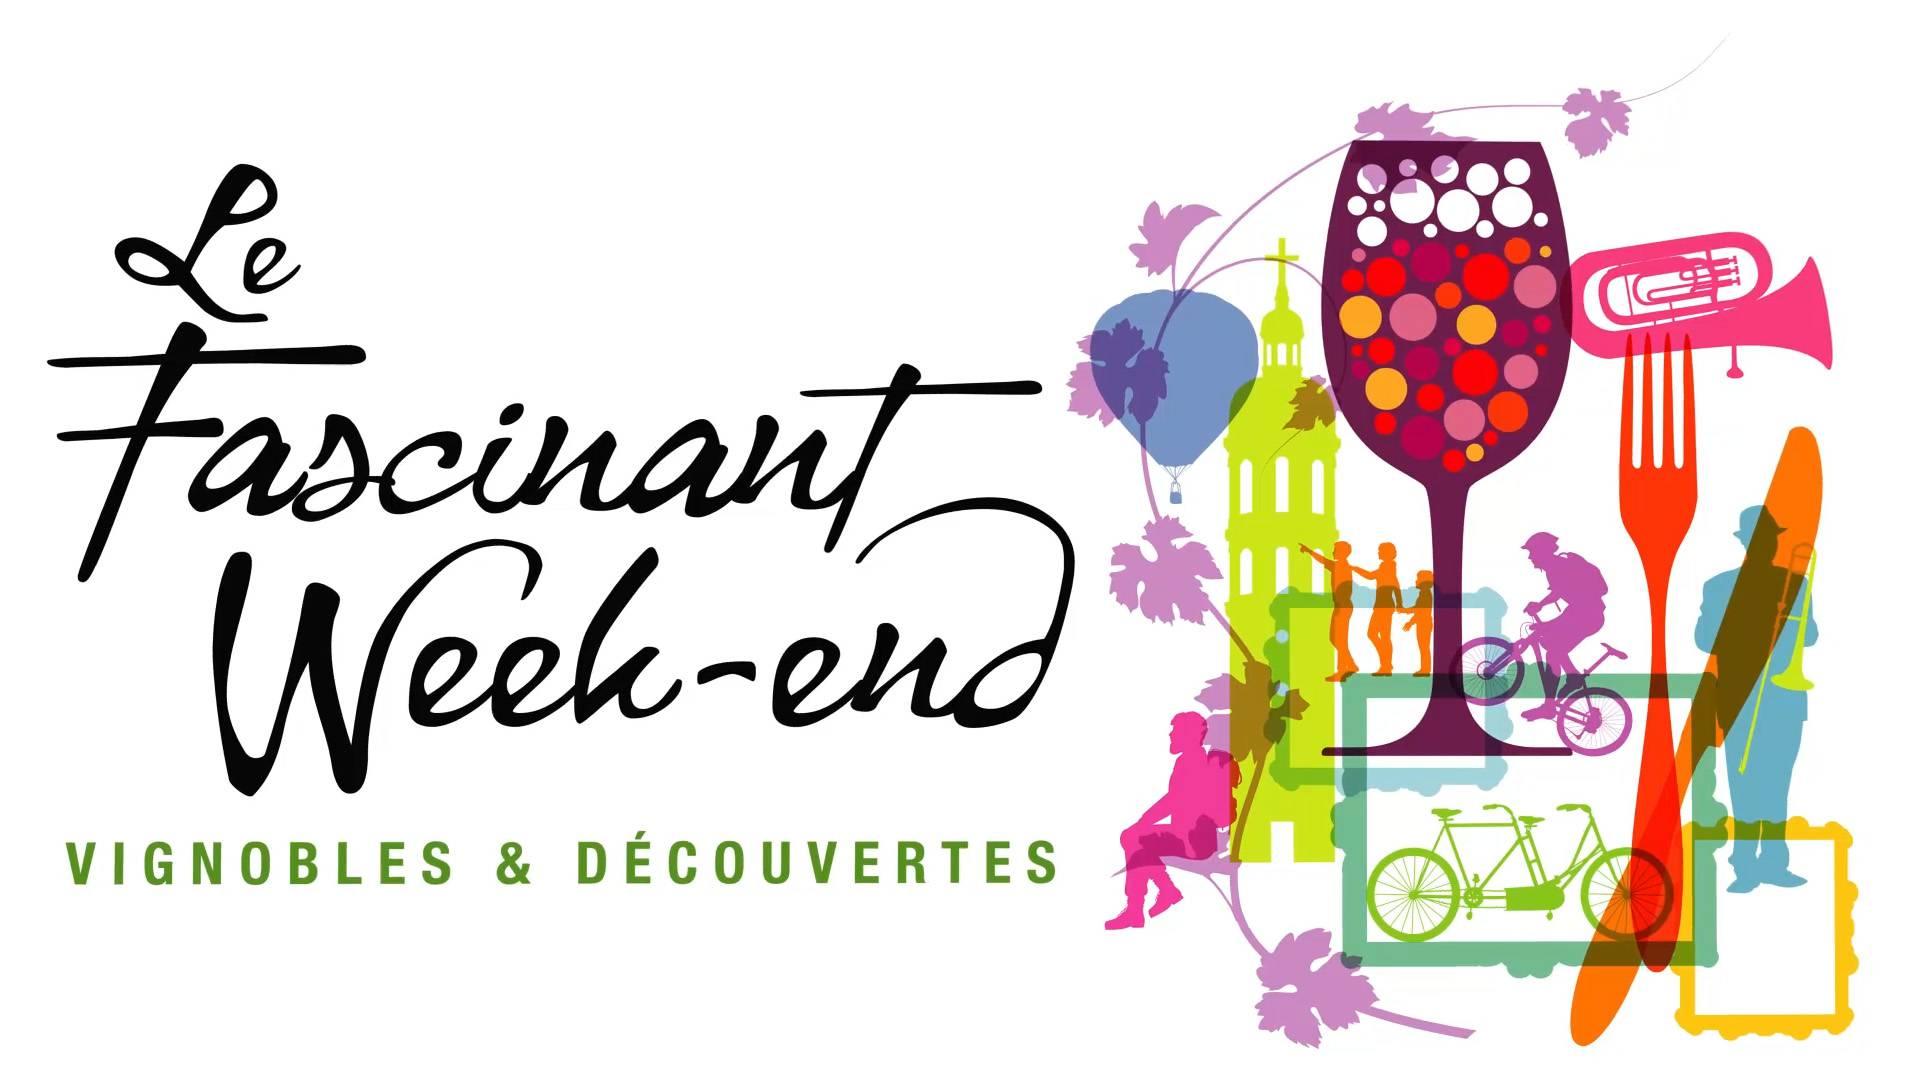 Fascinant Week-end Vignobles & Découvertes